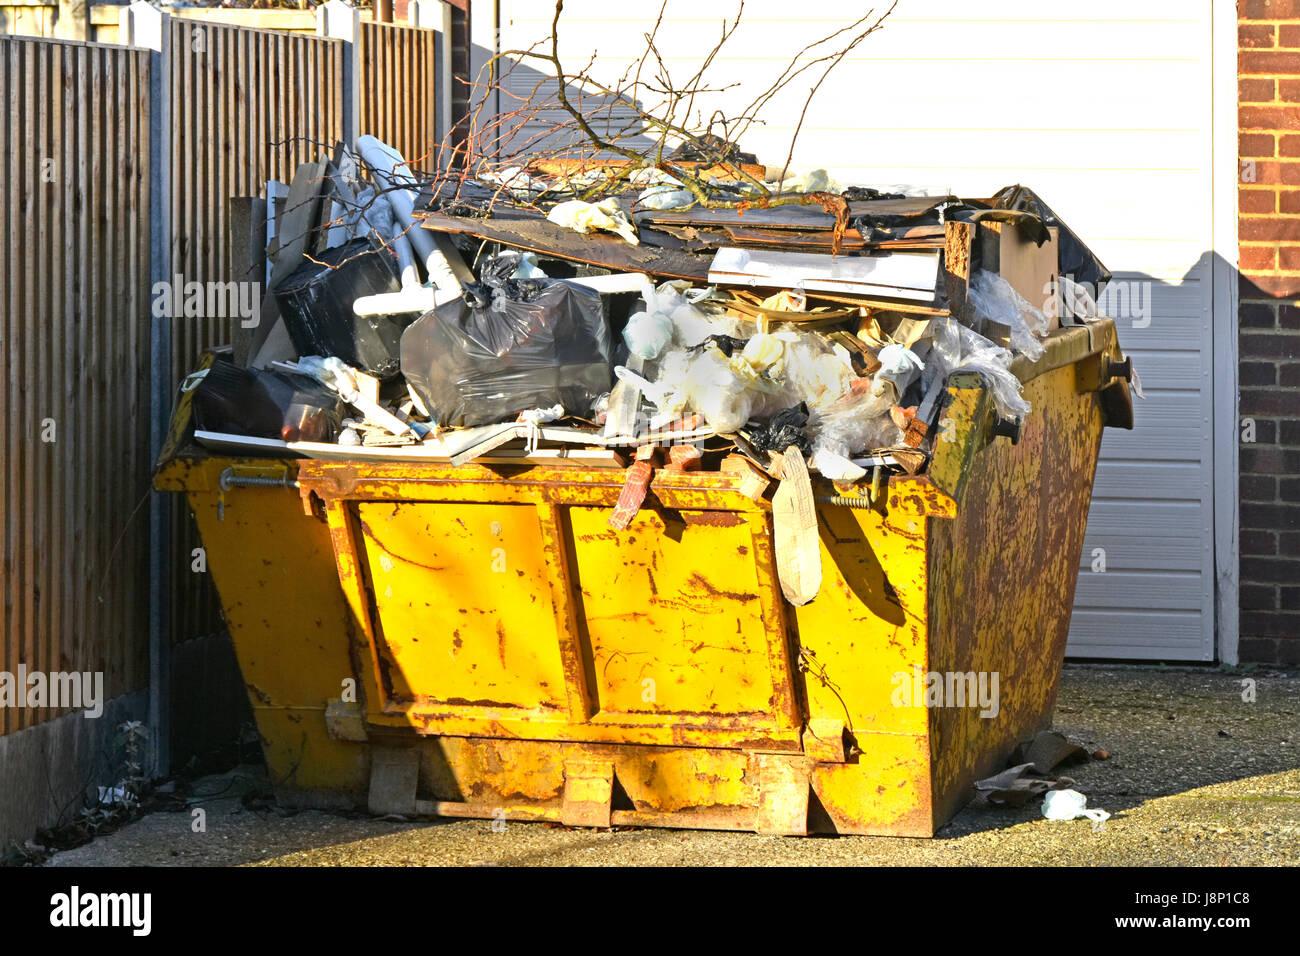 Full UK saltare bin spazzatura in Italia per la gestione dei rifiuti Rifiuti logistica cestino traboccante in attesa Immagini Stock